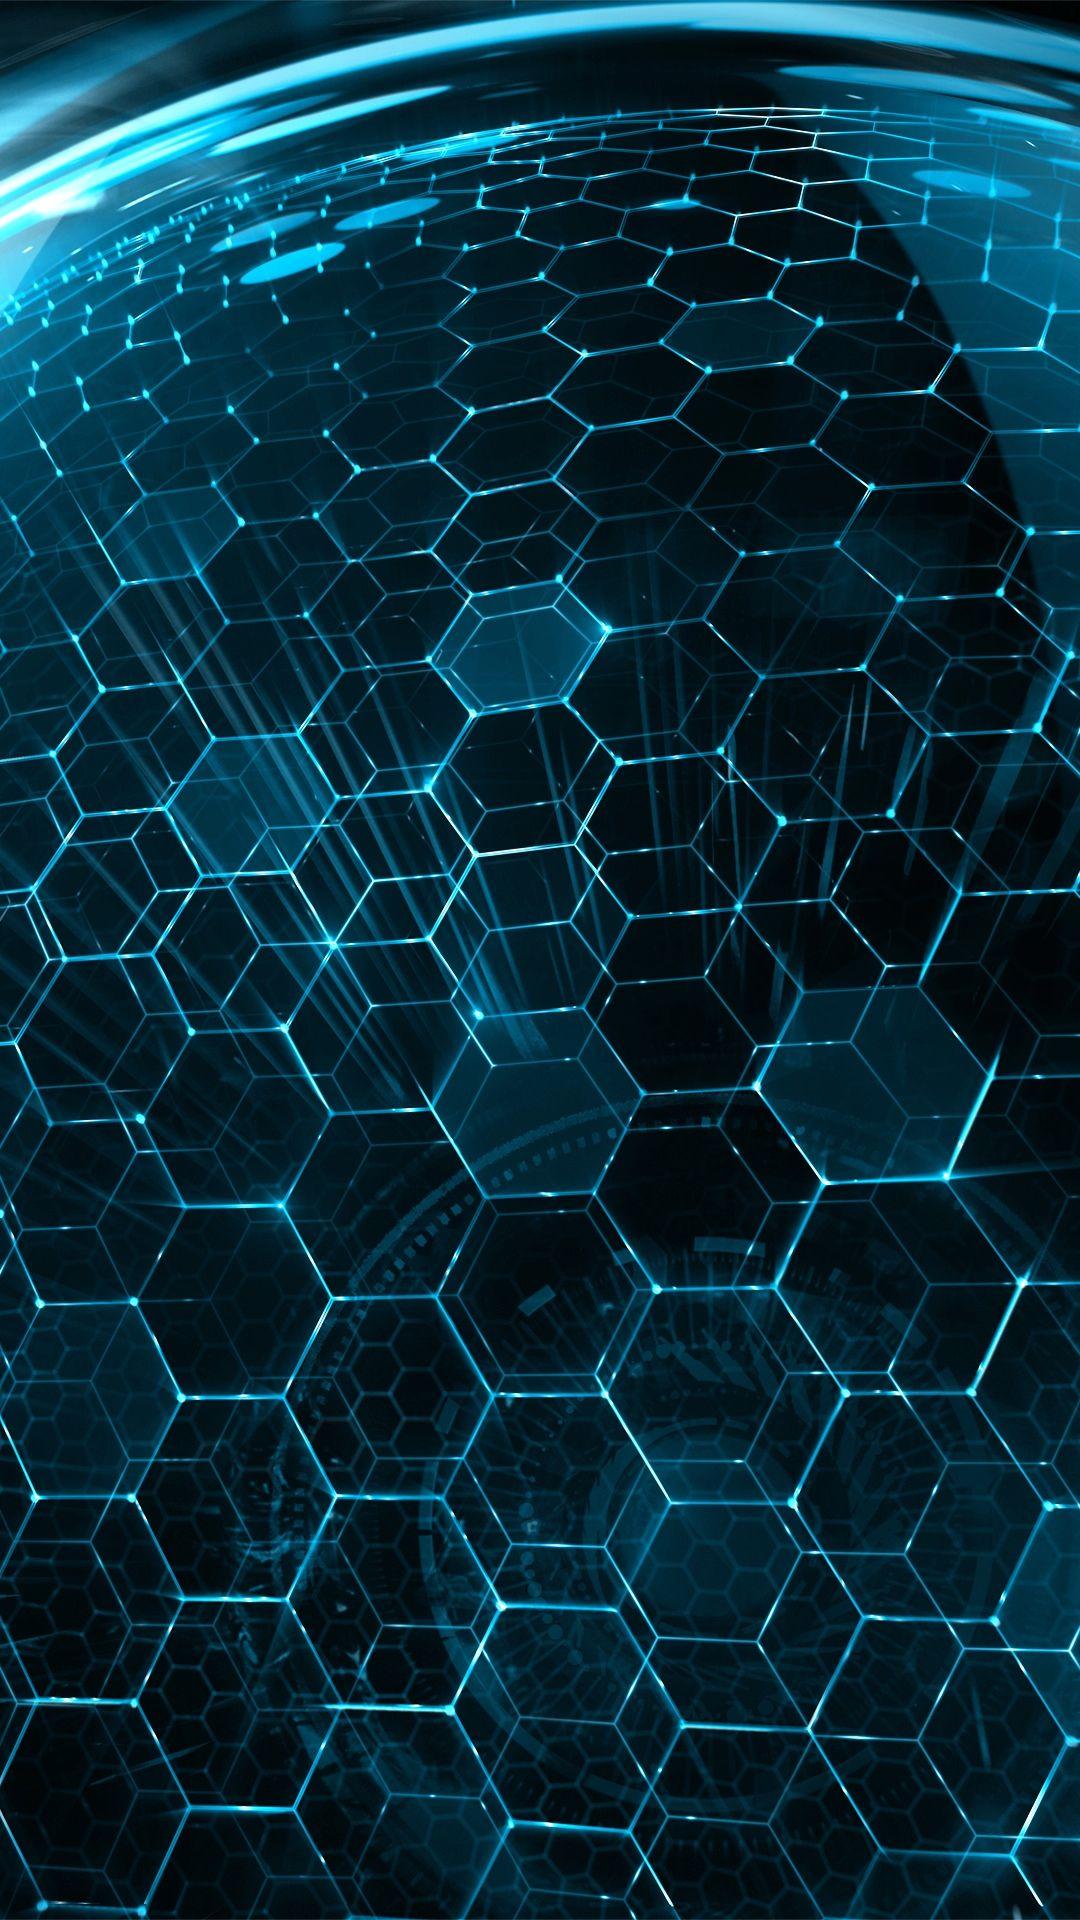 Between man and machine cyber ui pinterest wallpaper - Cyber wallpaper ...